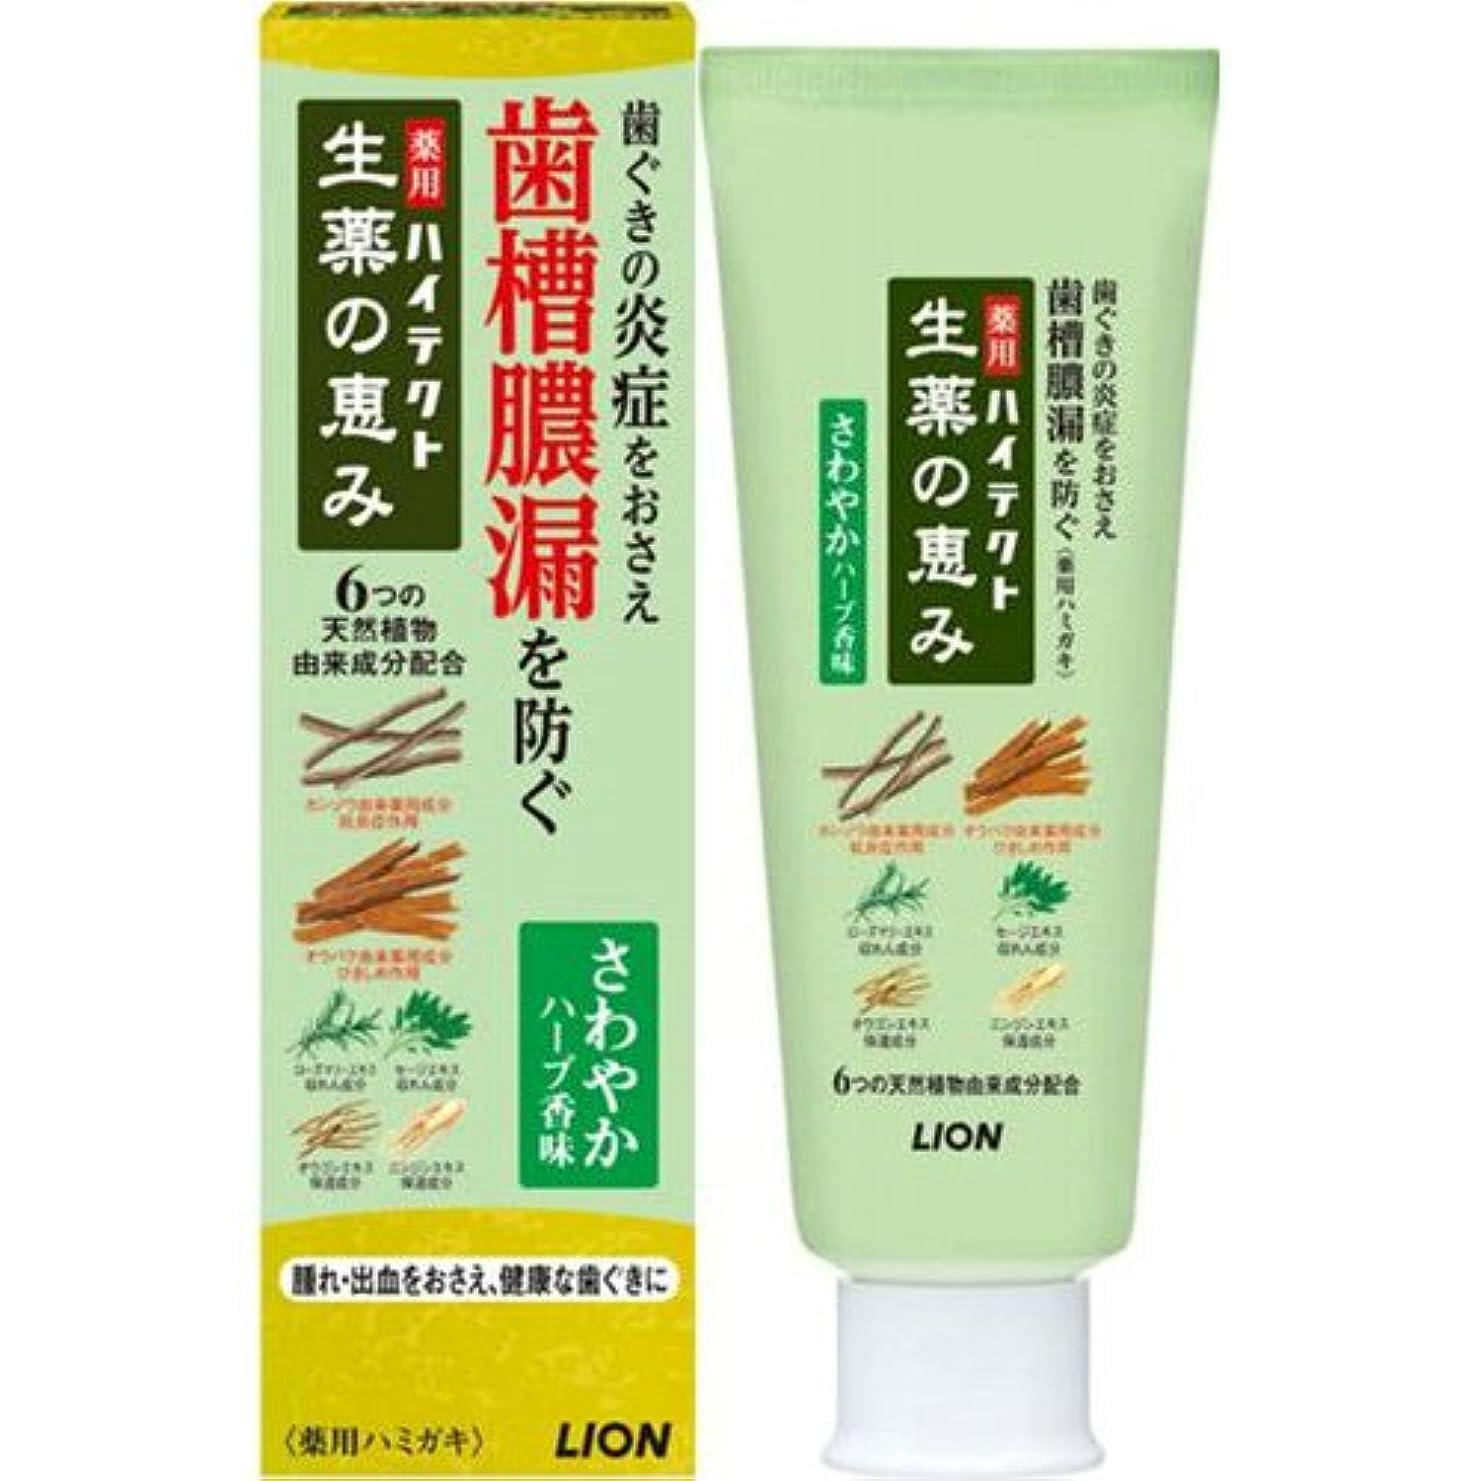 人物期間印象【ライオン】ハイテクト 生薬の恵み さわやかハーブ香味 90g ×3個セット